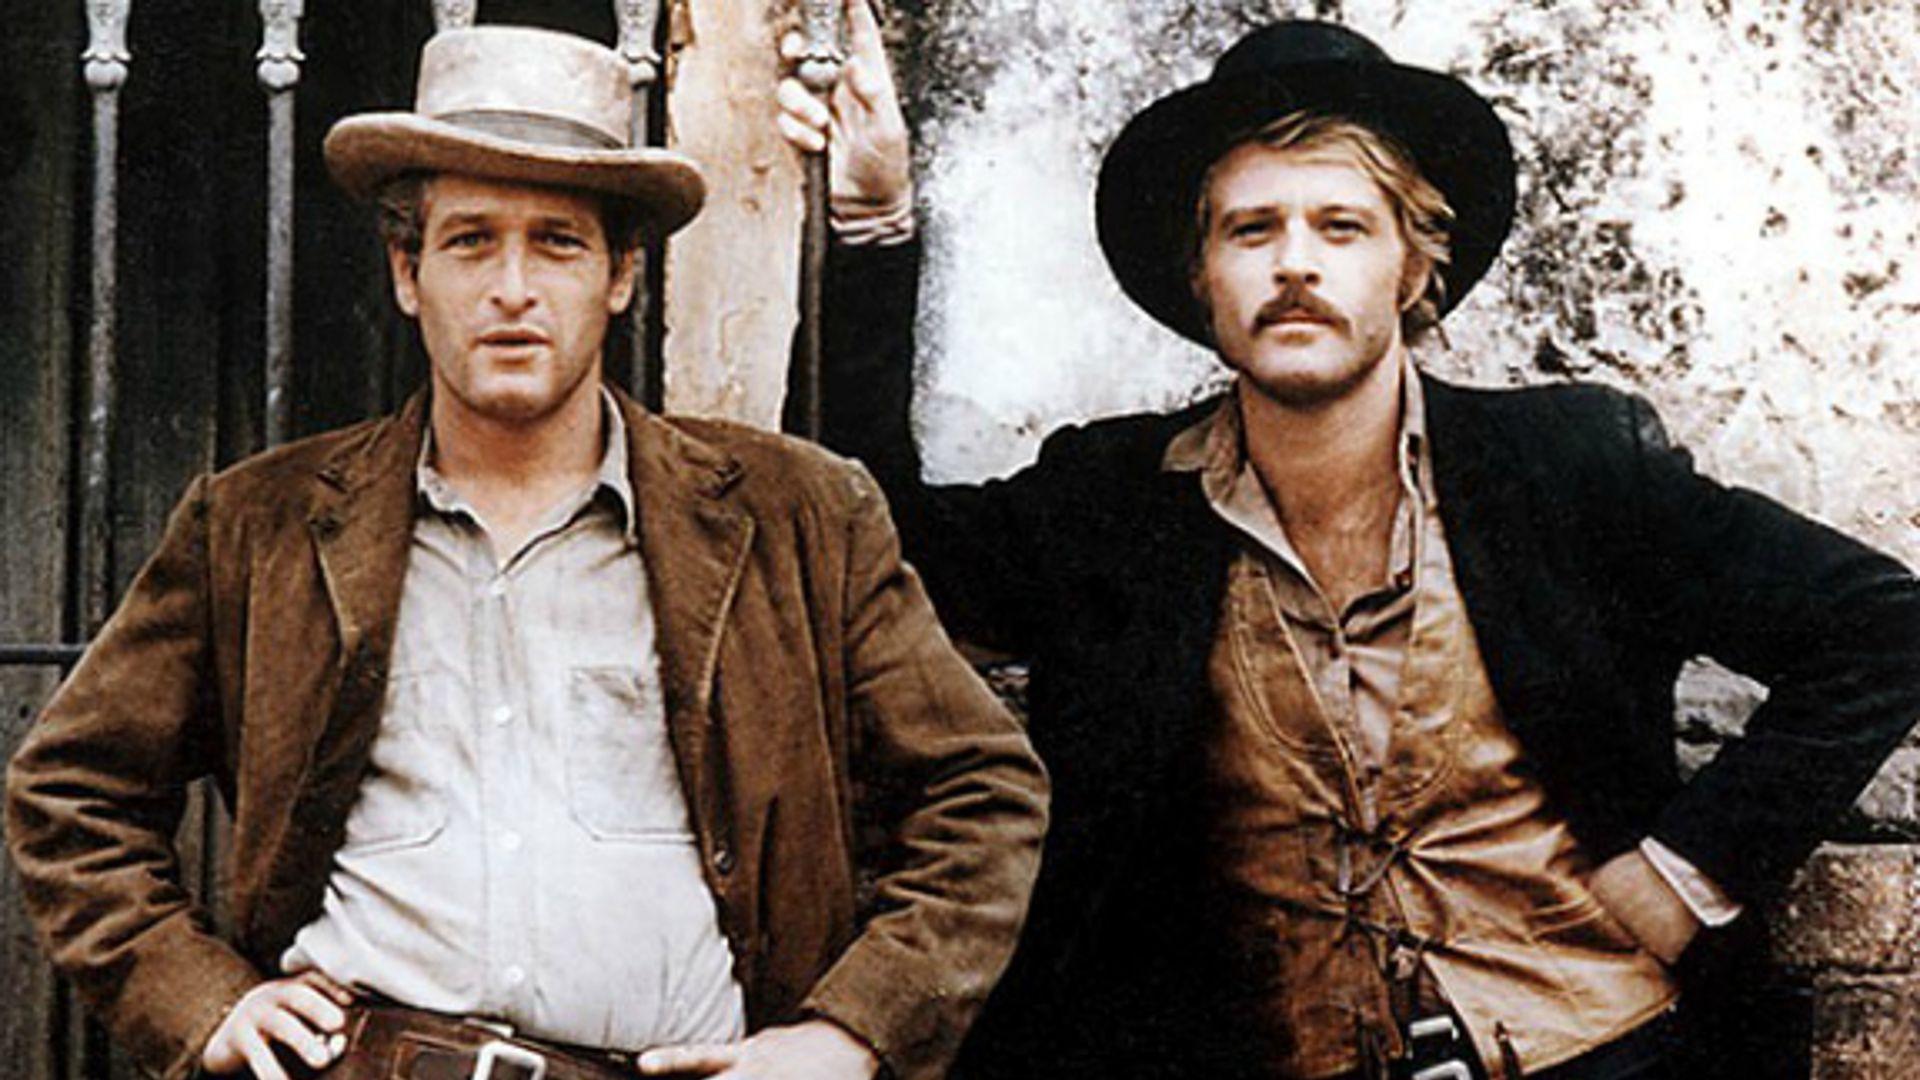 """KAdr z filmu """" Butch Cassidy and Sundance Kid"""". Widać dwóch rewolwerowców. Jeden z nich jest w brązowej marynarce i jasnej koszuli. Drugi nosi brązową koszulę i czarną marynarkę. Obydwaj stoją. Ich cechą wspólną jest kapelusz na głowie."""